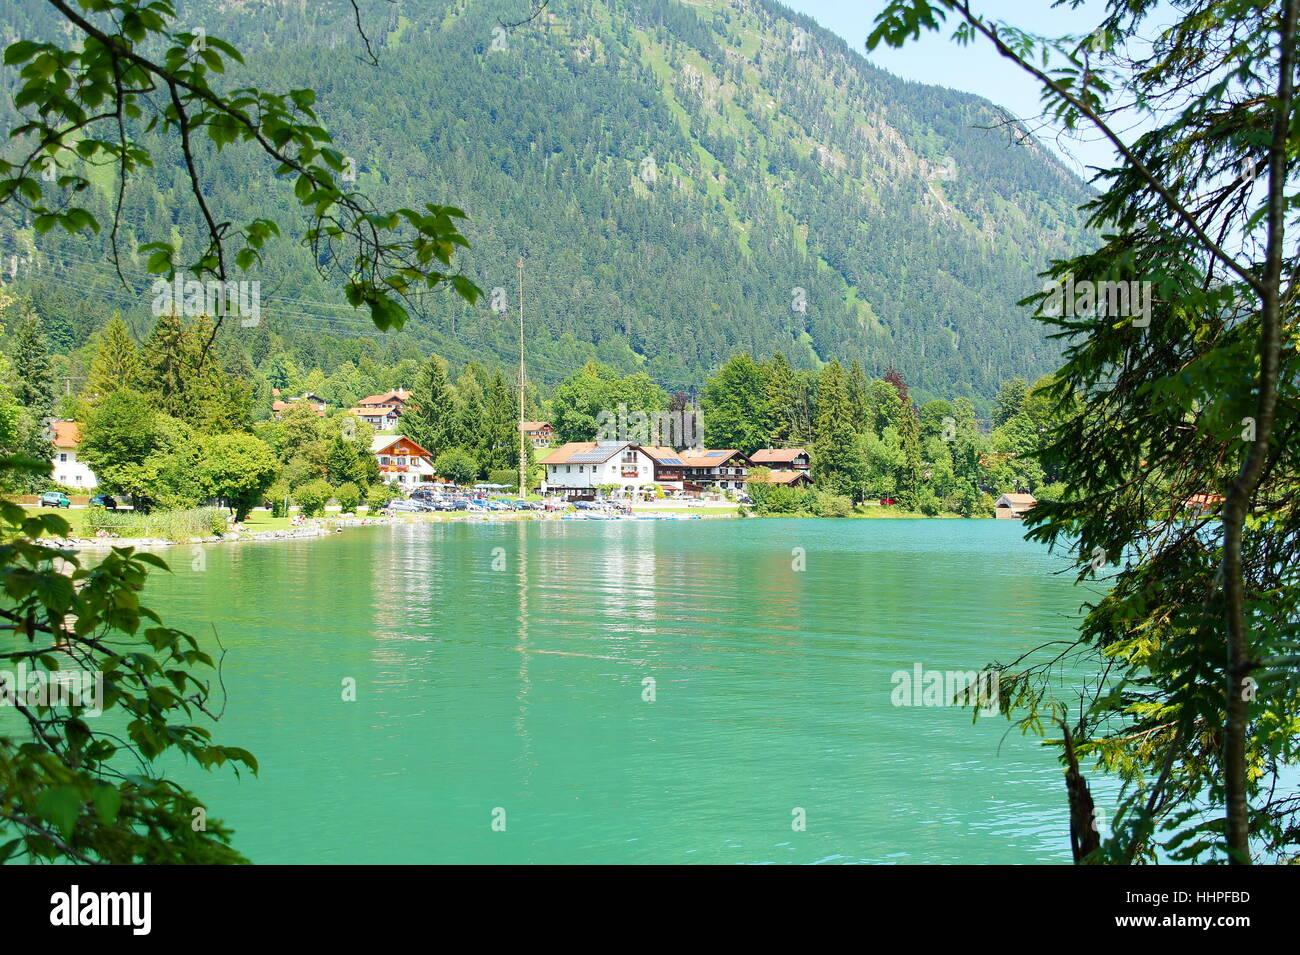 village walchenseern Stock Photo